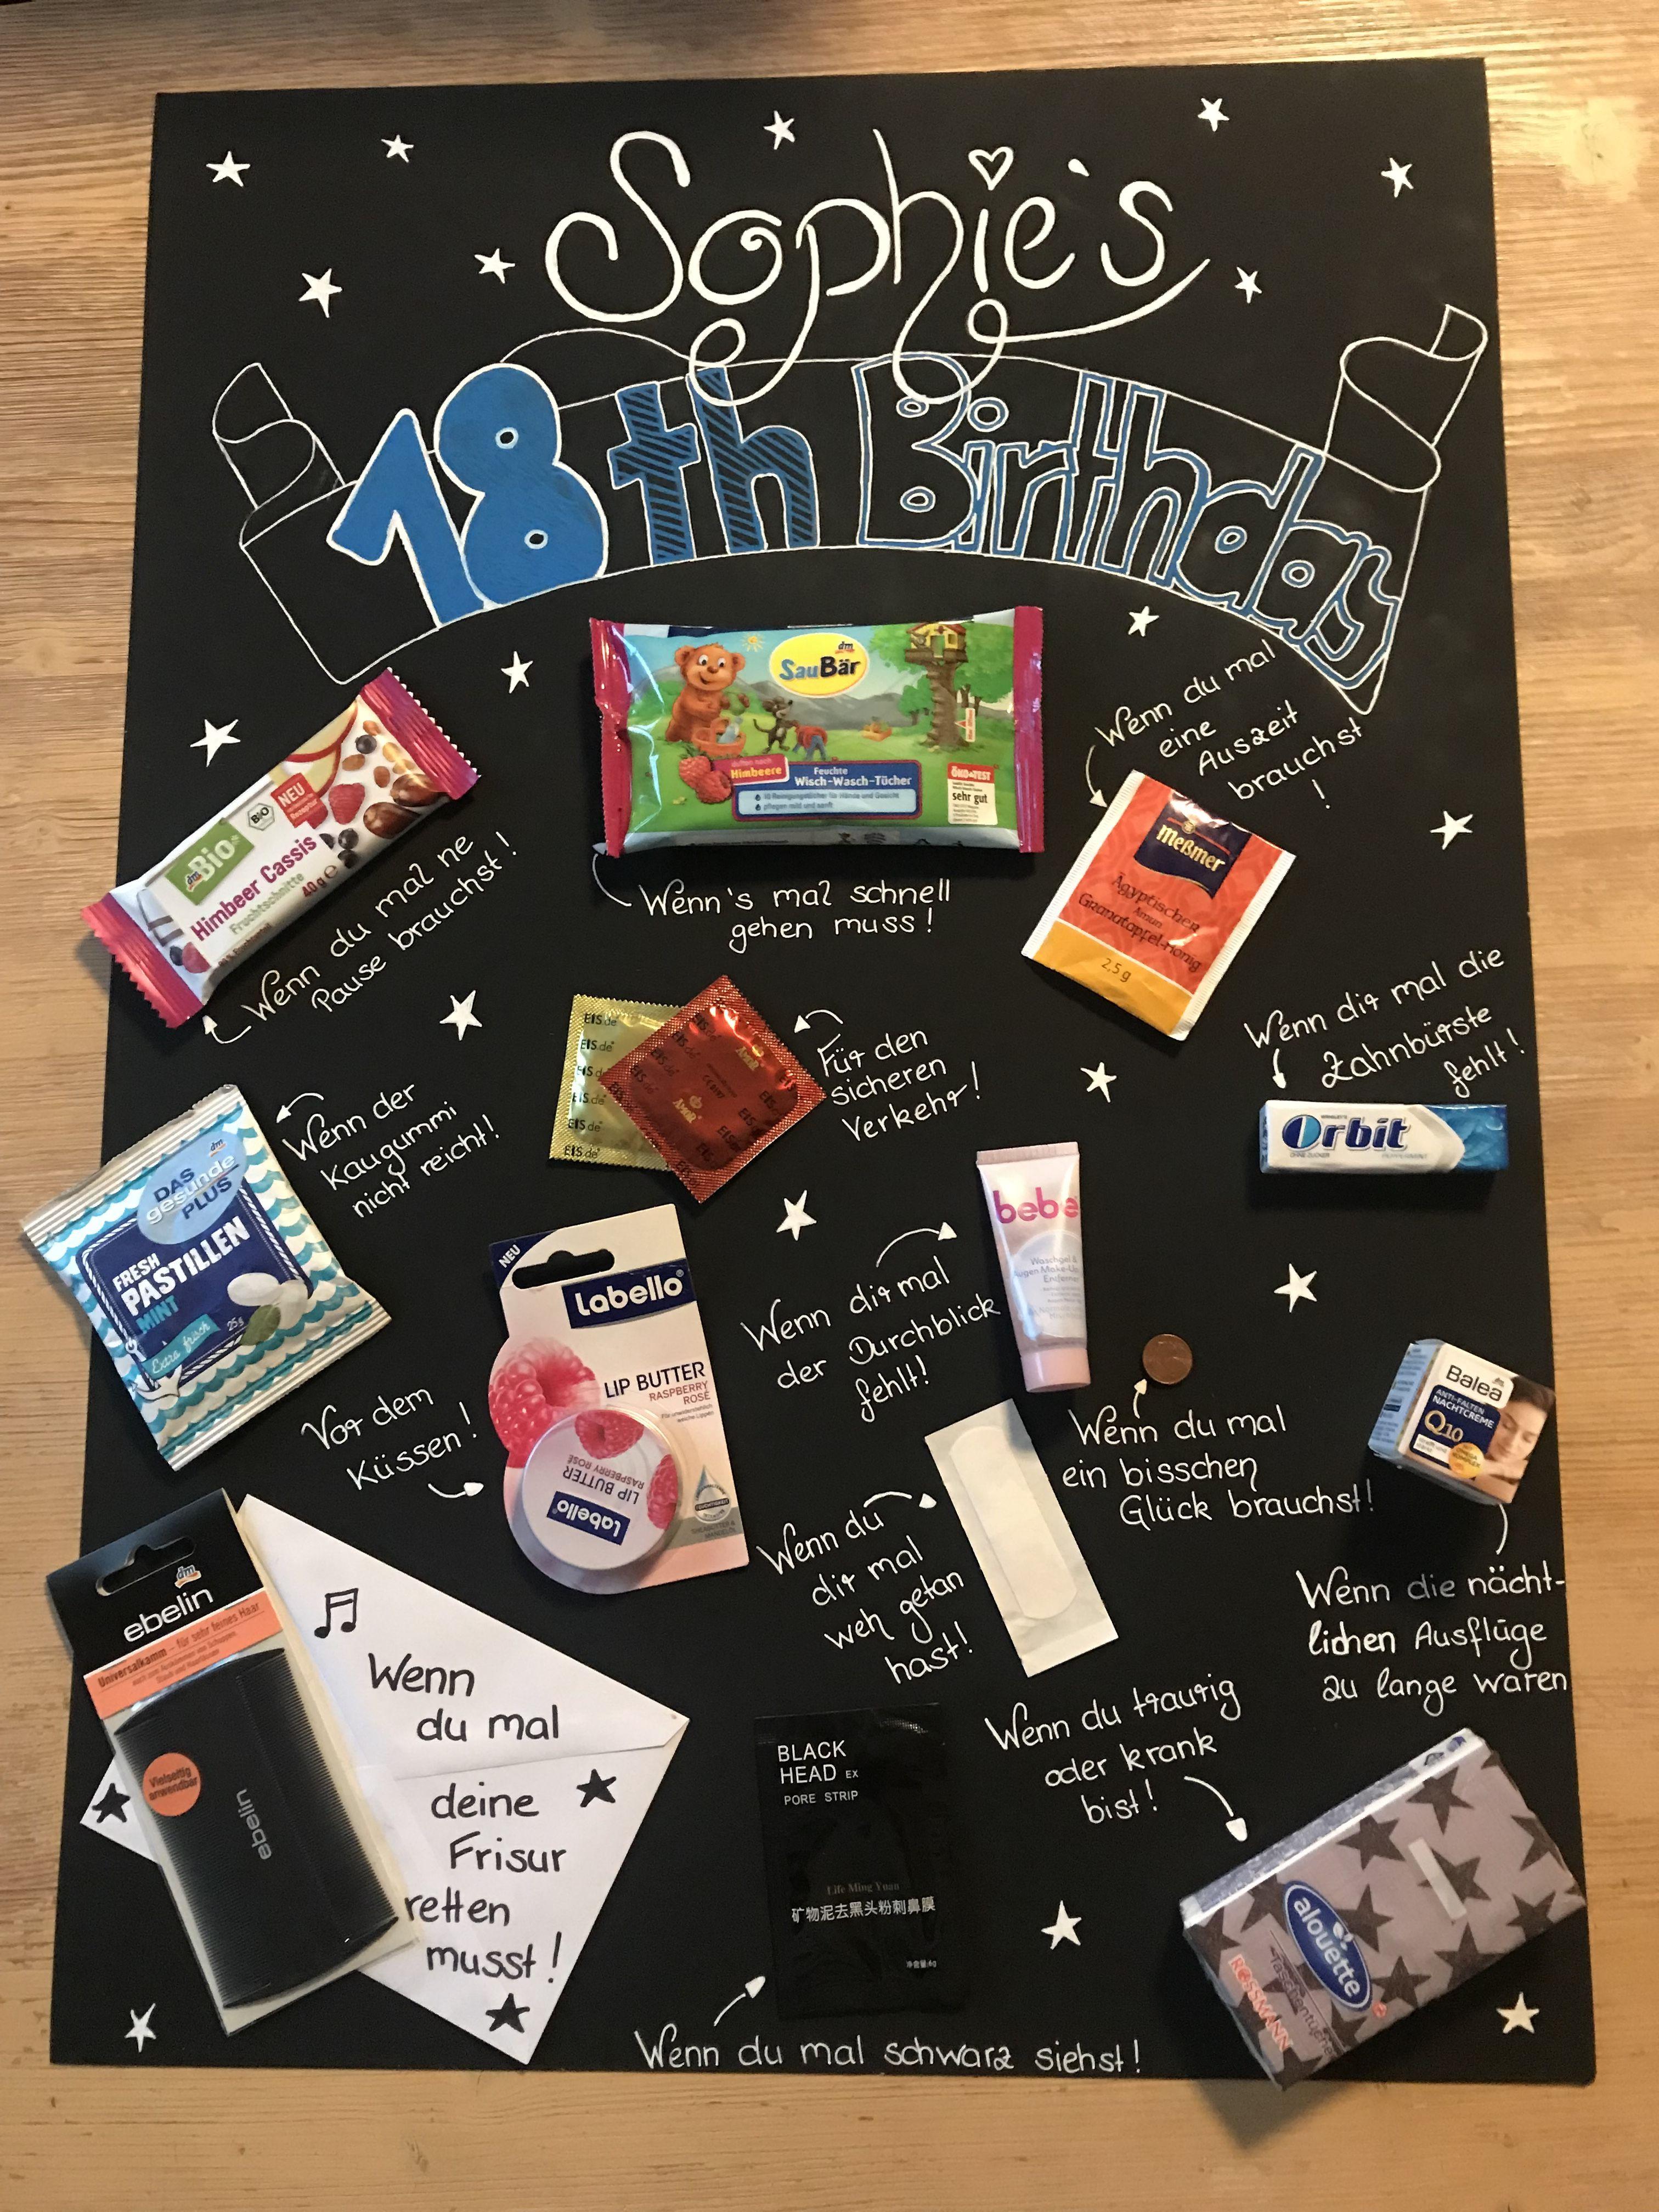 Geburtstagsgeschenk Für Freundin 18  Friseurgutschein kreativ zum 18 geschenkt